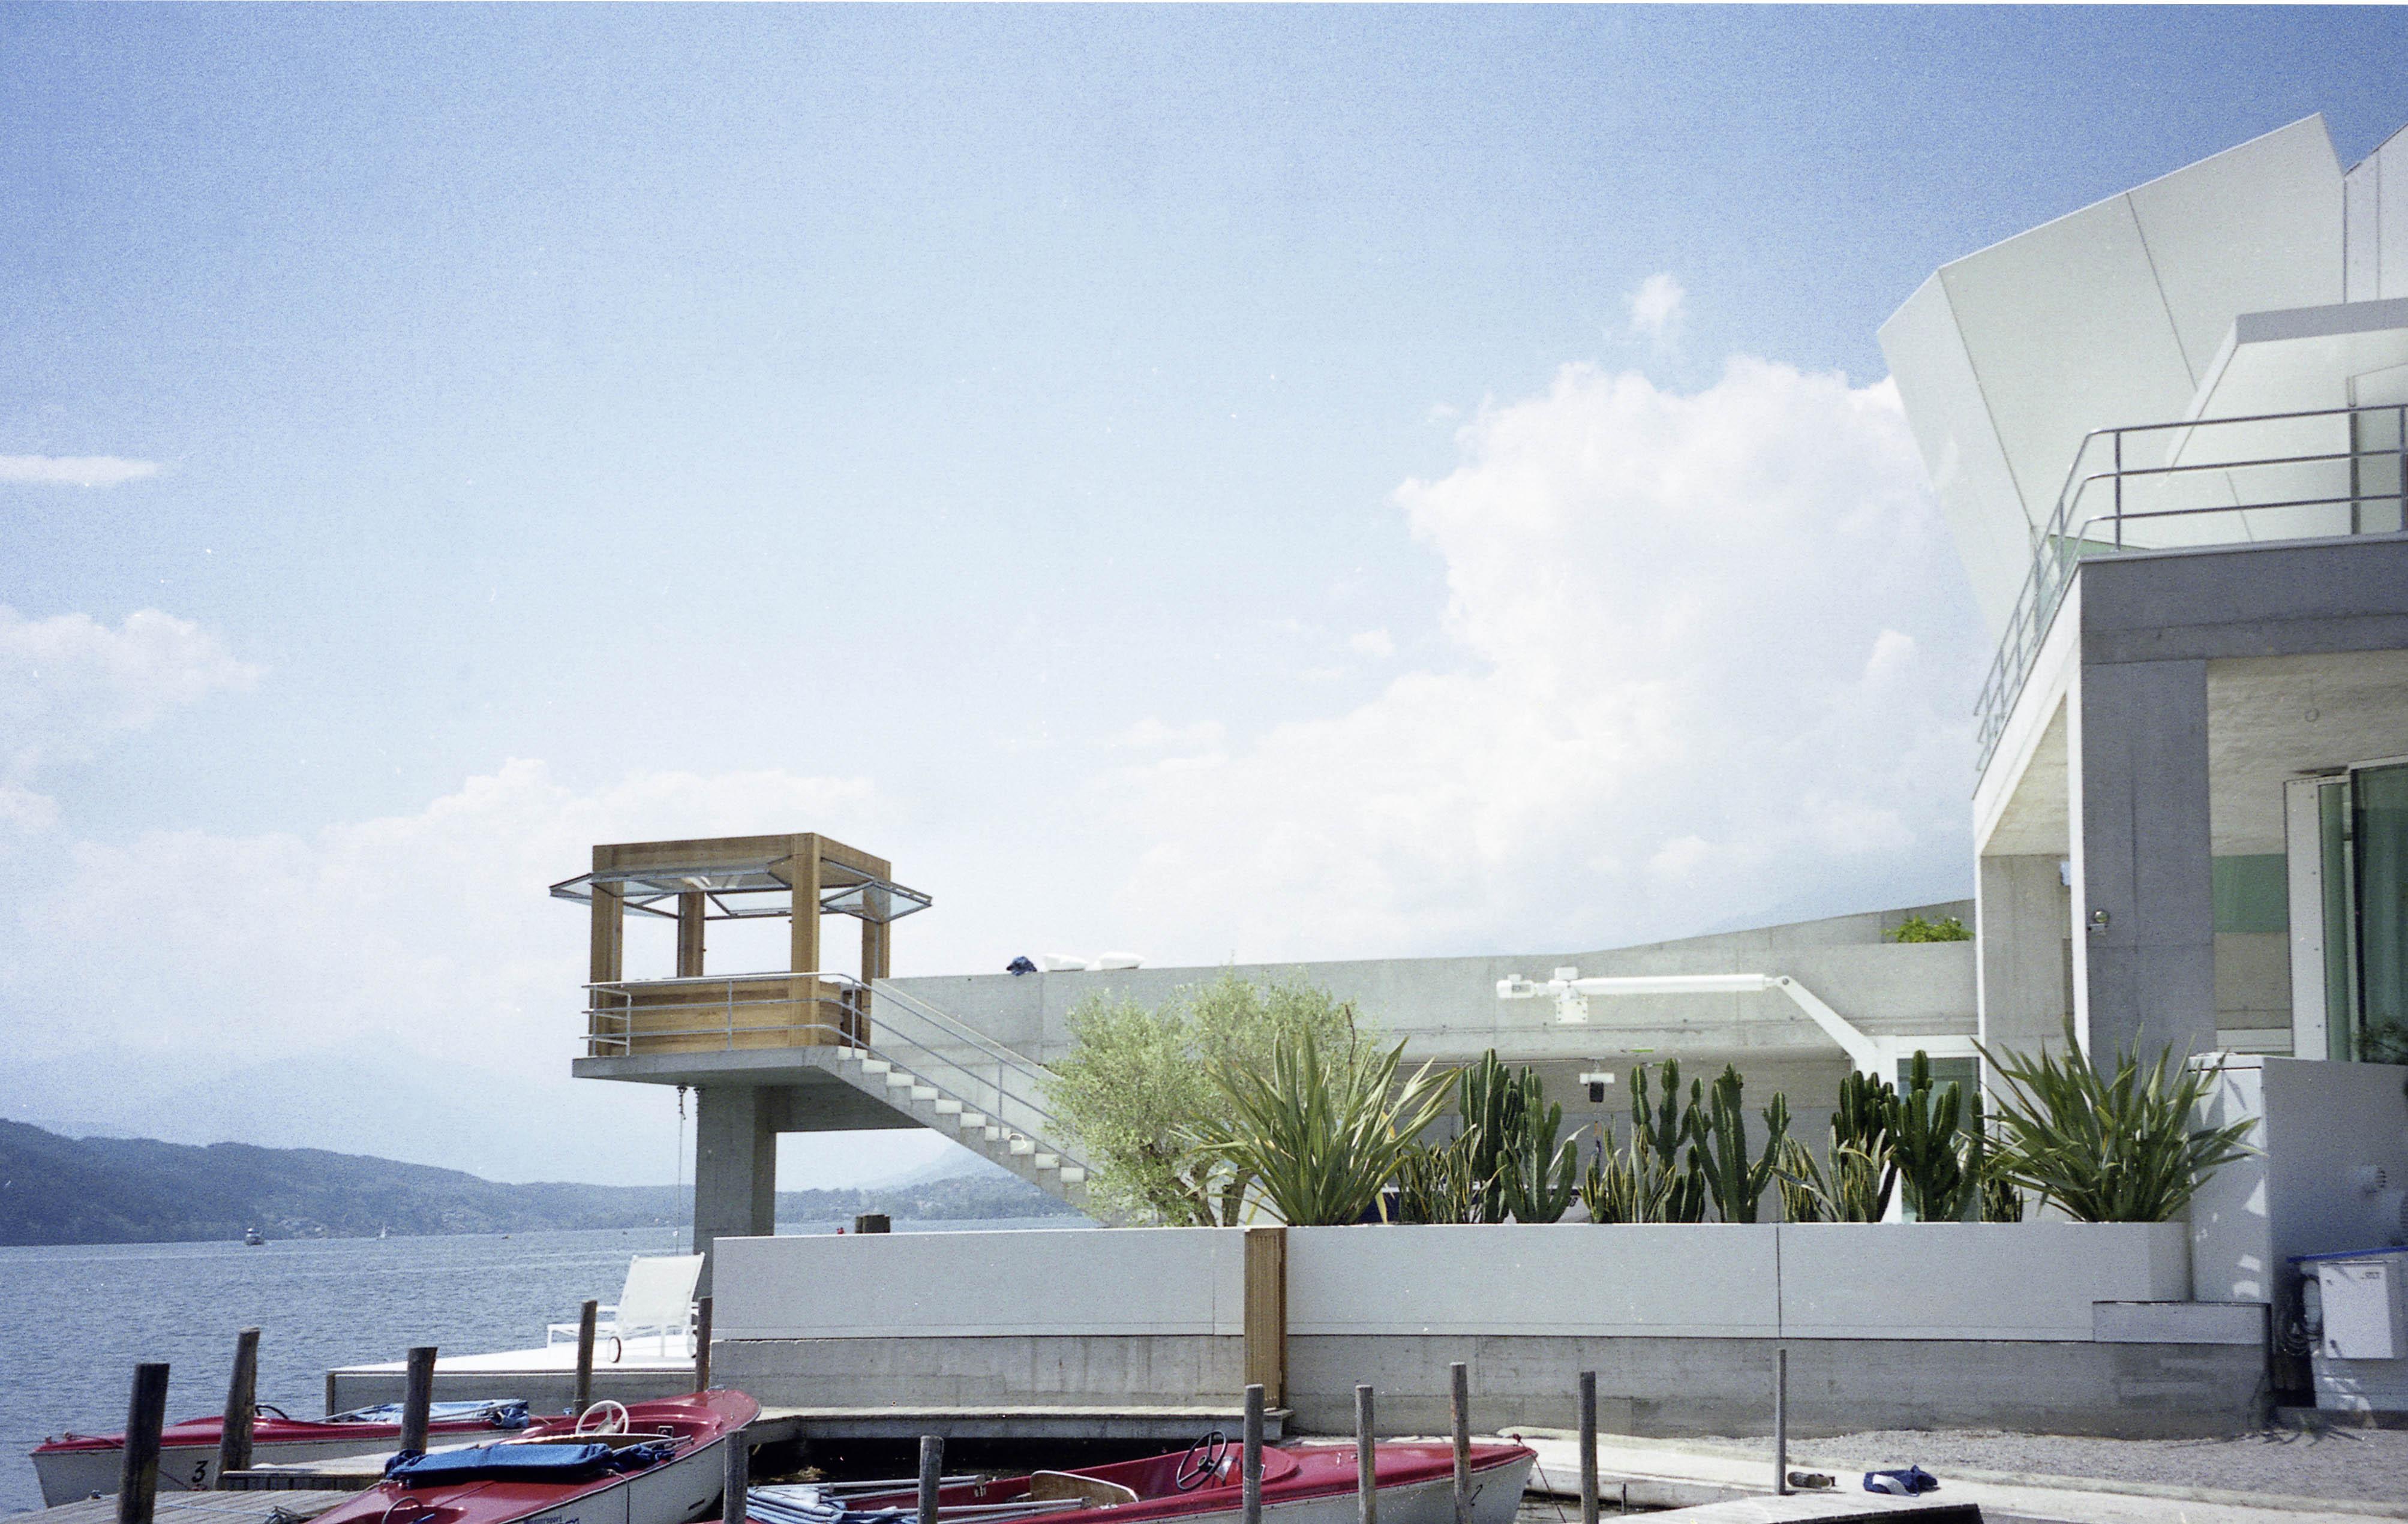 Architektur am wasser callwey blog for Architektur zeitschriften